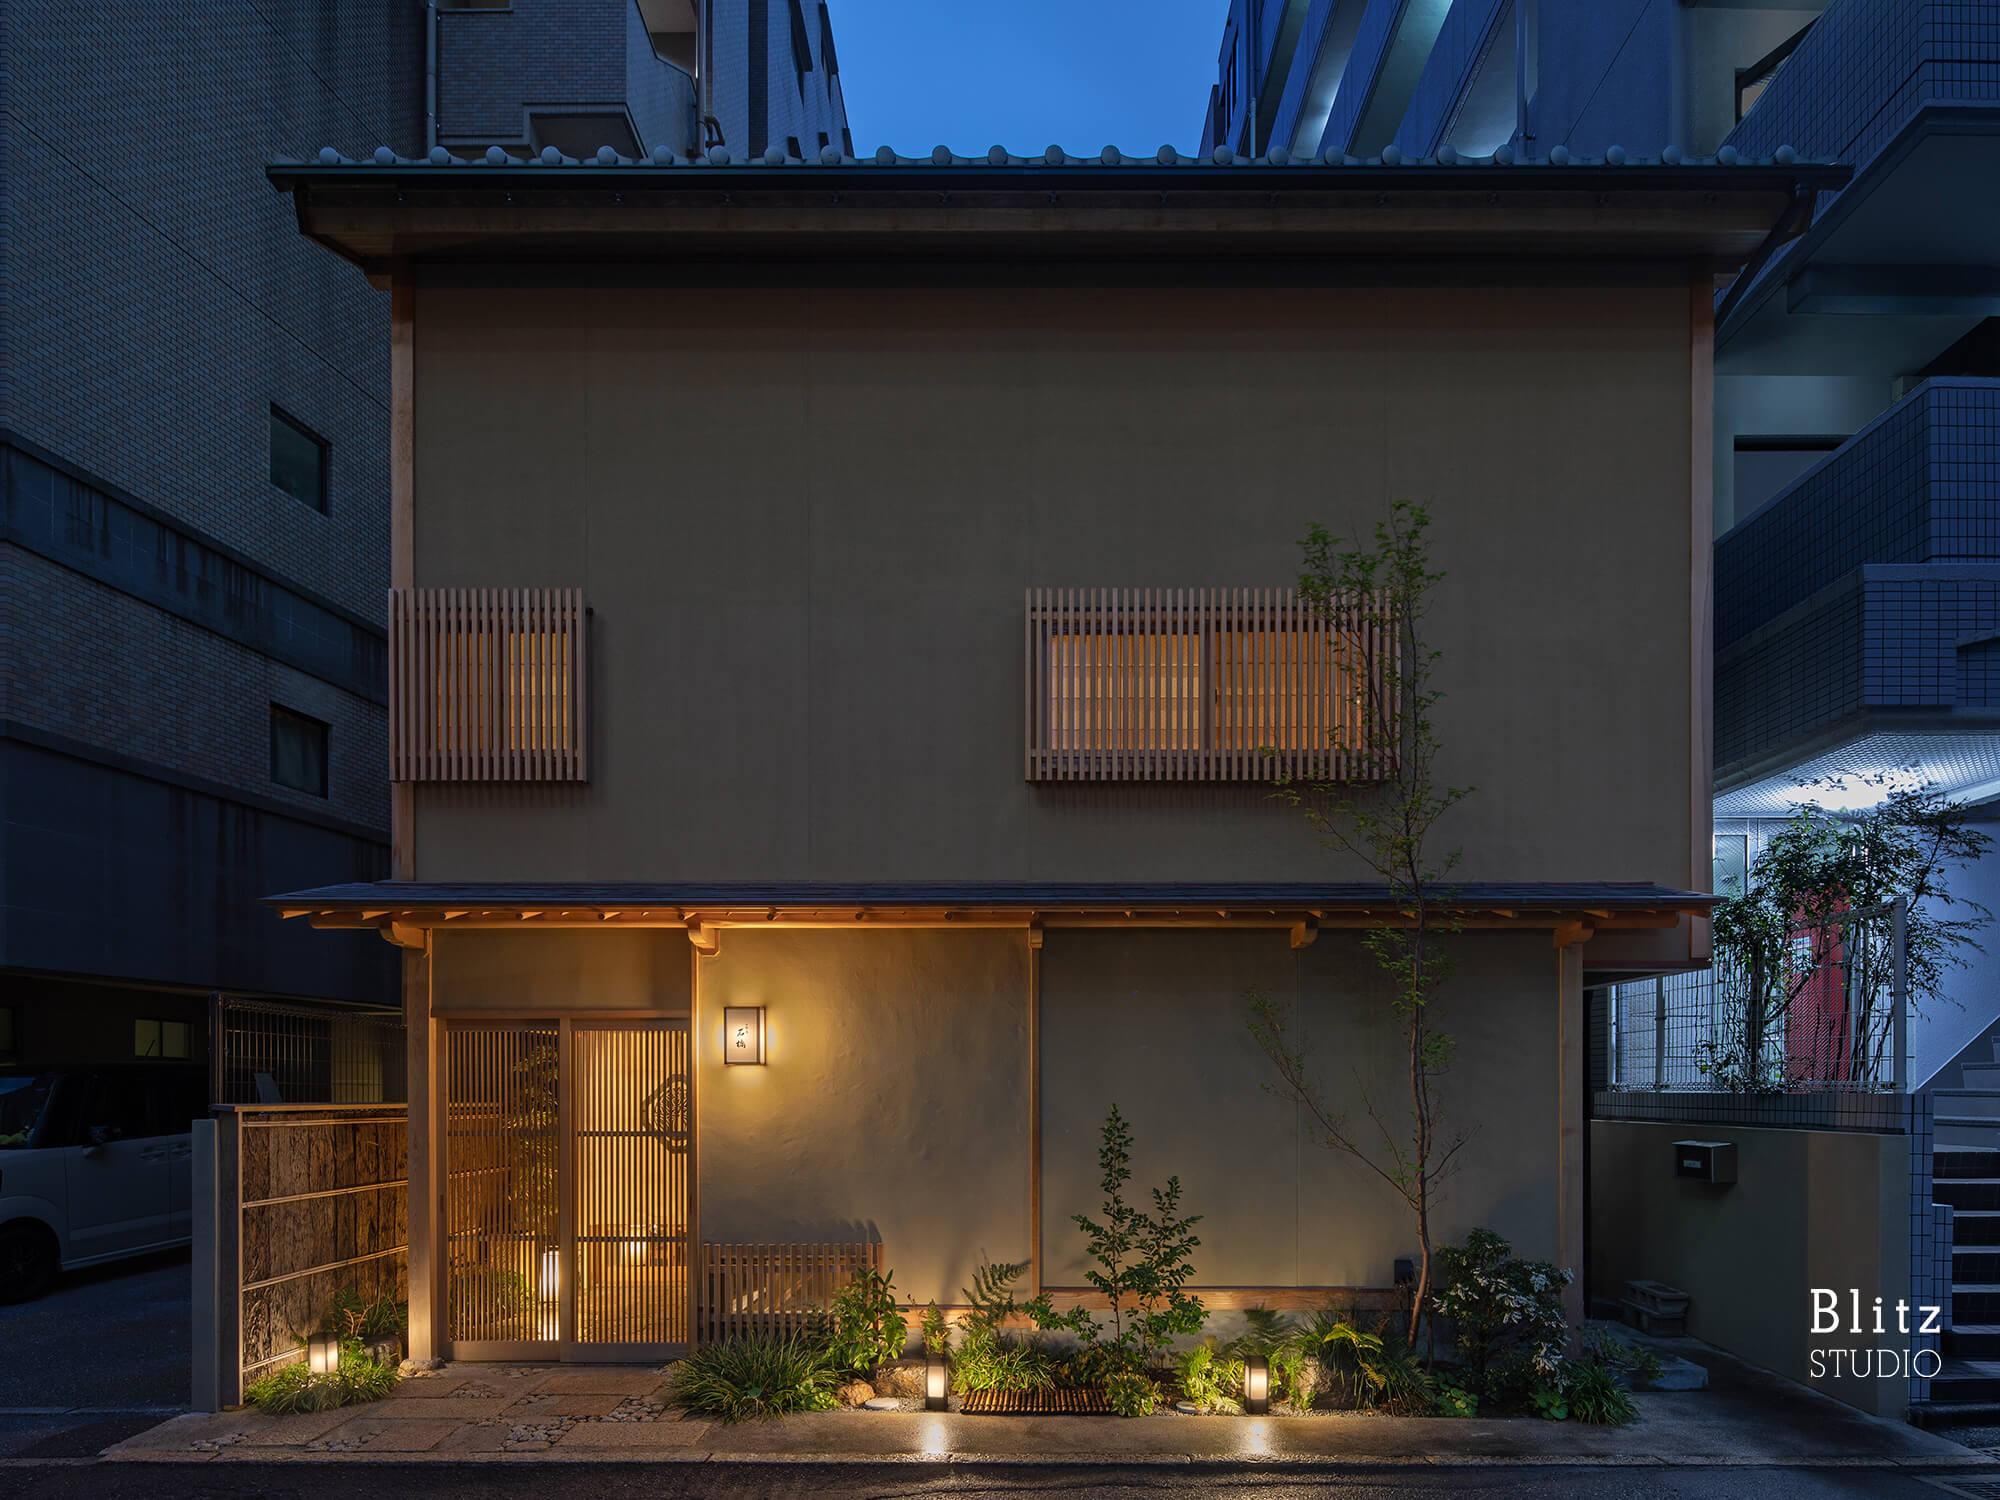 『一本木 石橋』-福岡県福岡市-建築写真・竣工写真・インテリア写真1